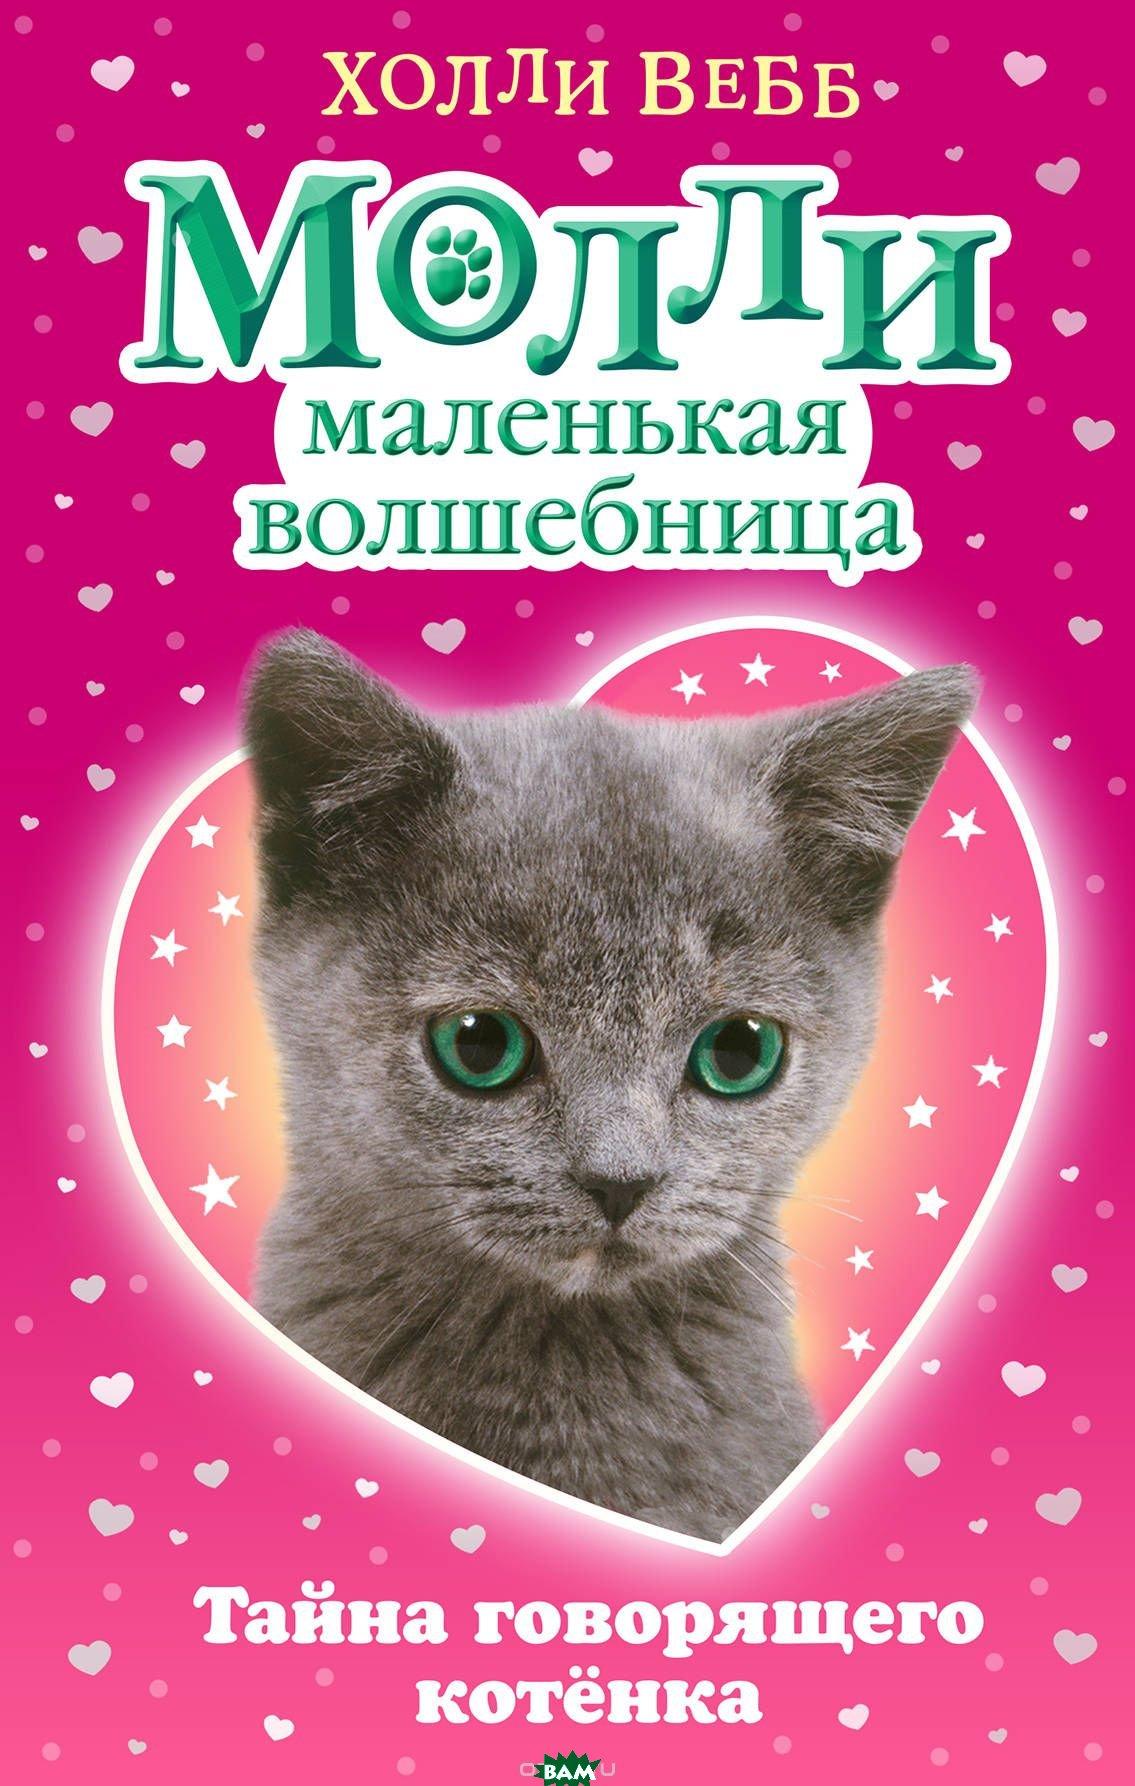 Купить Тайна говорящего котёнка, ЭКСМО, Вебб Холли, 978-5-699-98412-1